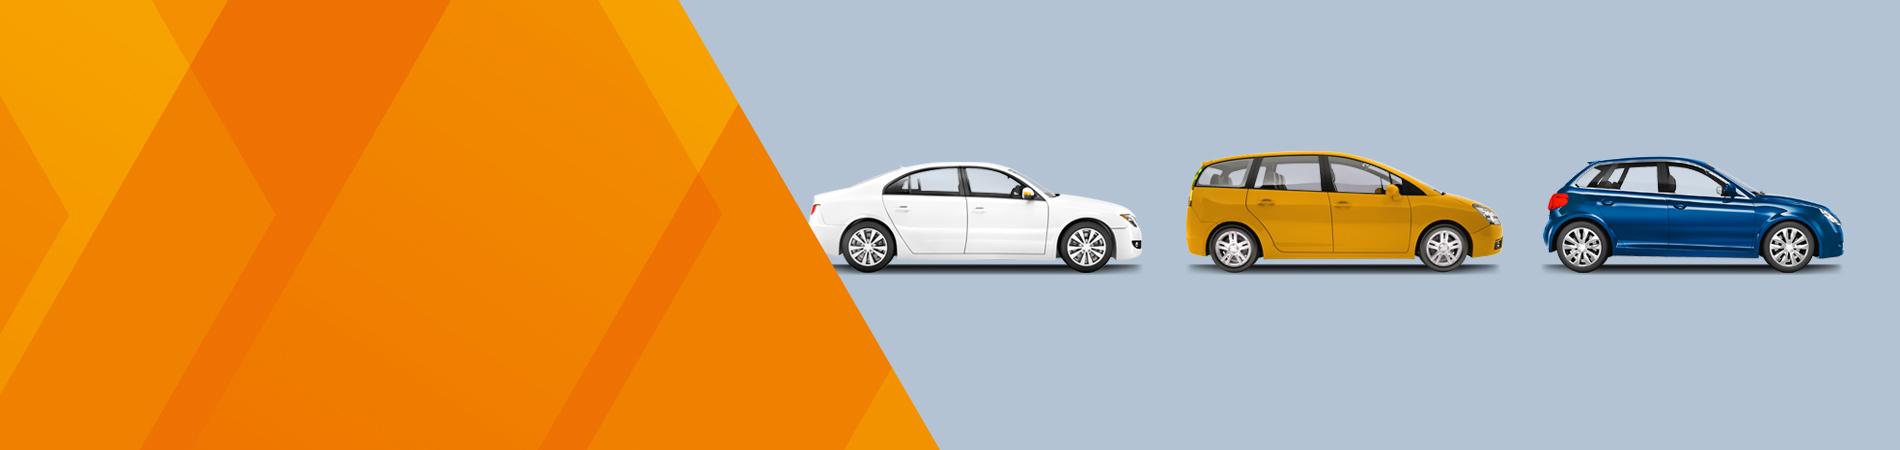 Tsb Car Loan Calculator